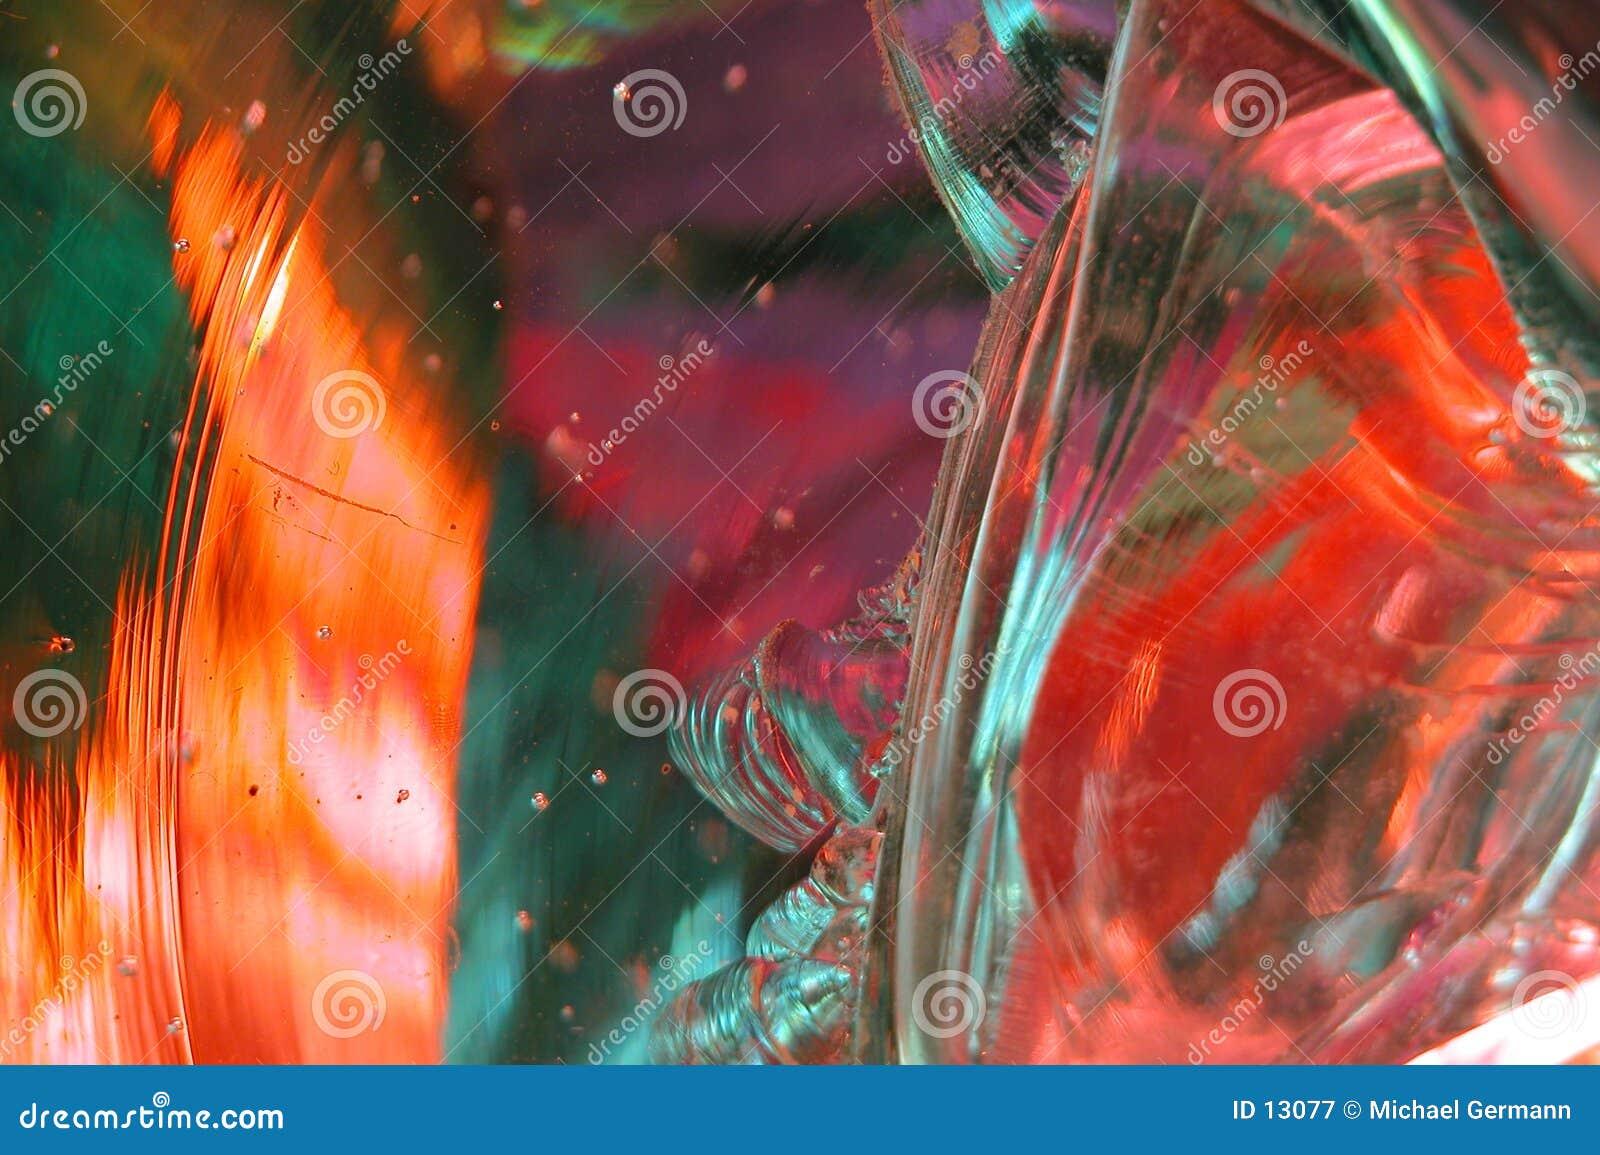 Sumário 9 do vidro derretido